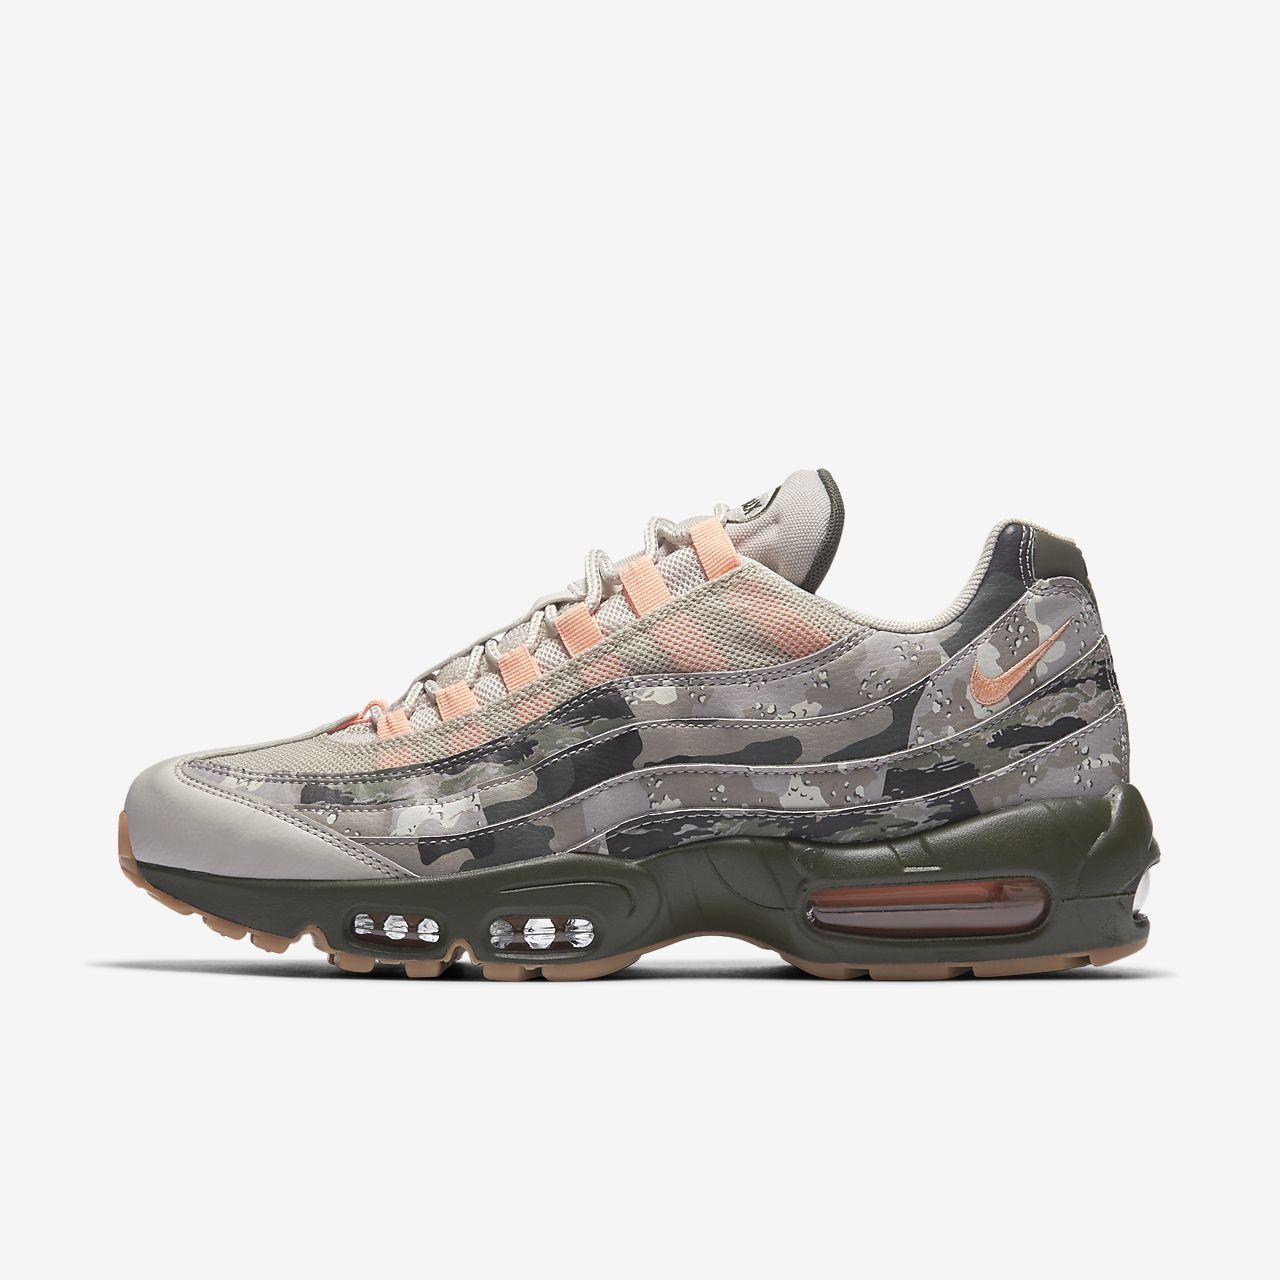 Nike Air Max 95 Essential Camo 男鞋